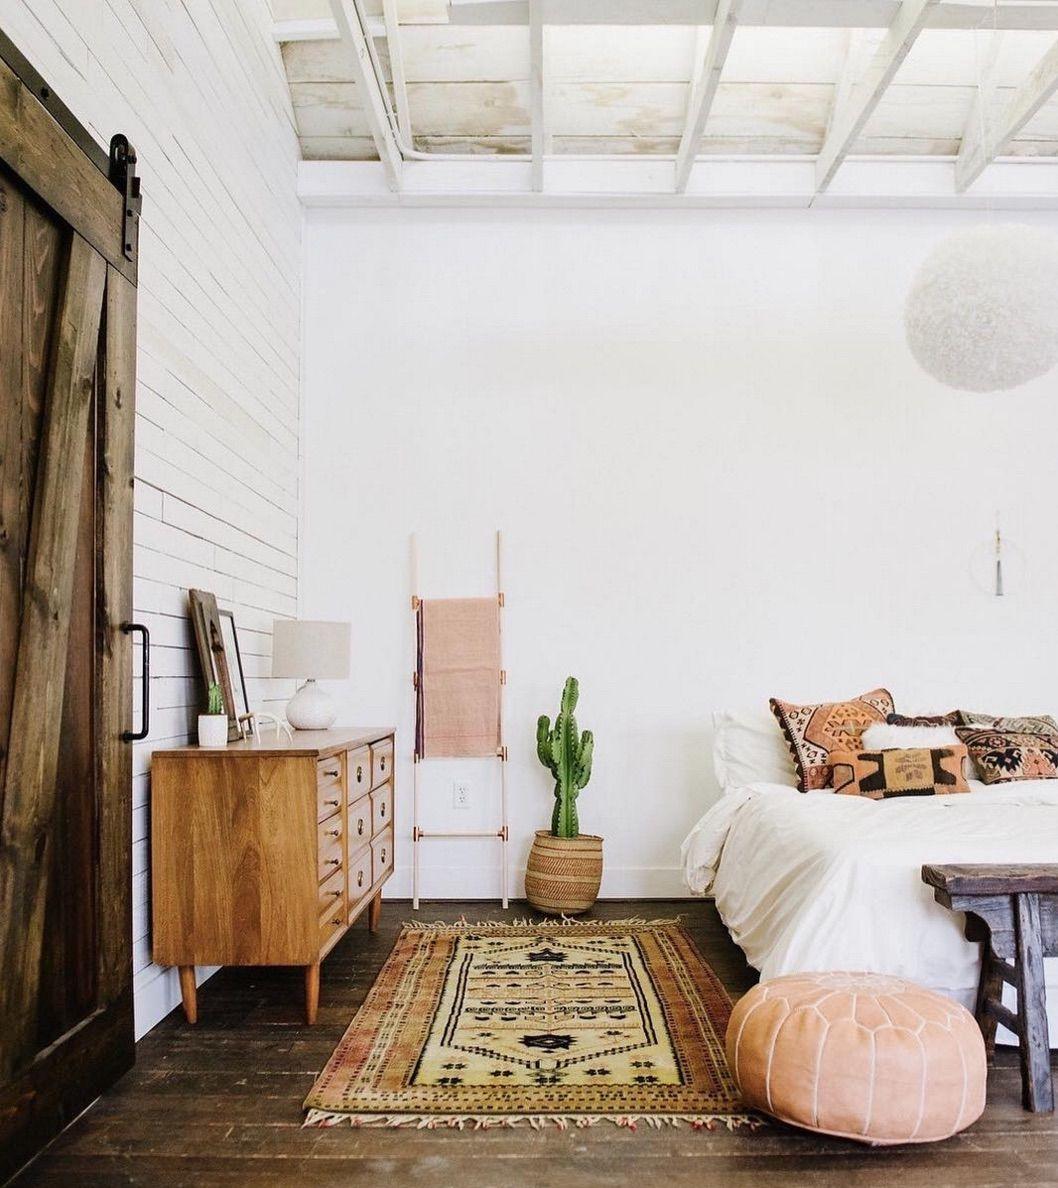 bedroom - wooden floor, antique Persian rug, white bedding | Bedroom ...